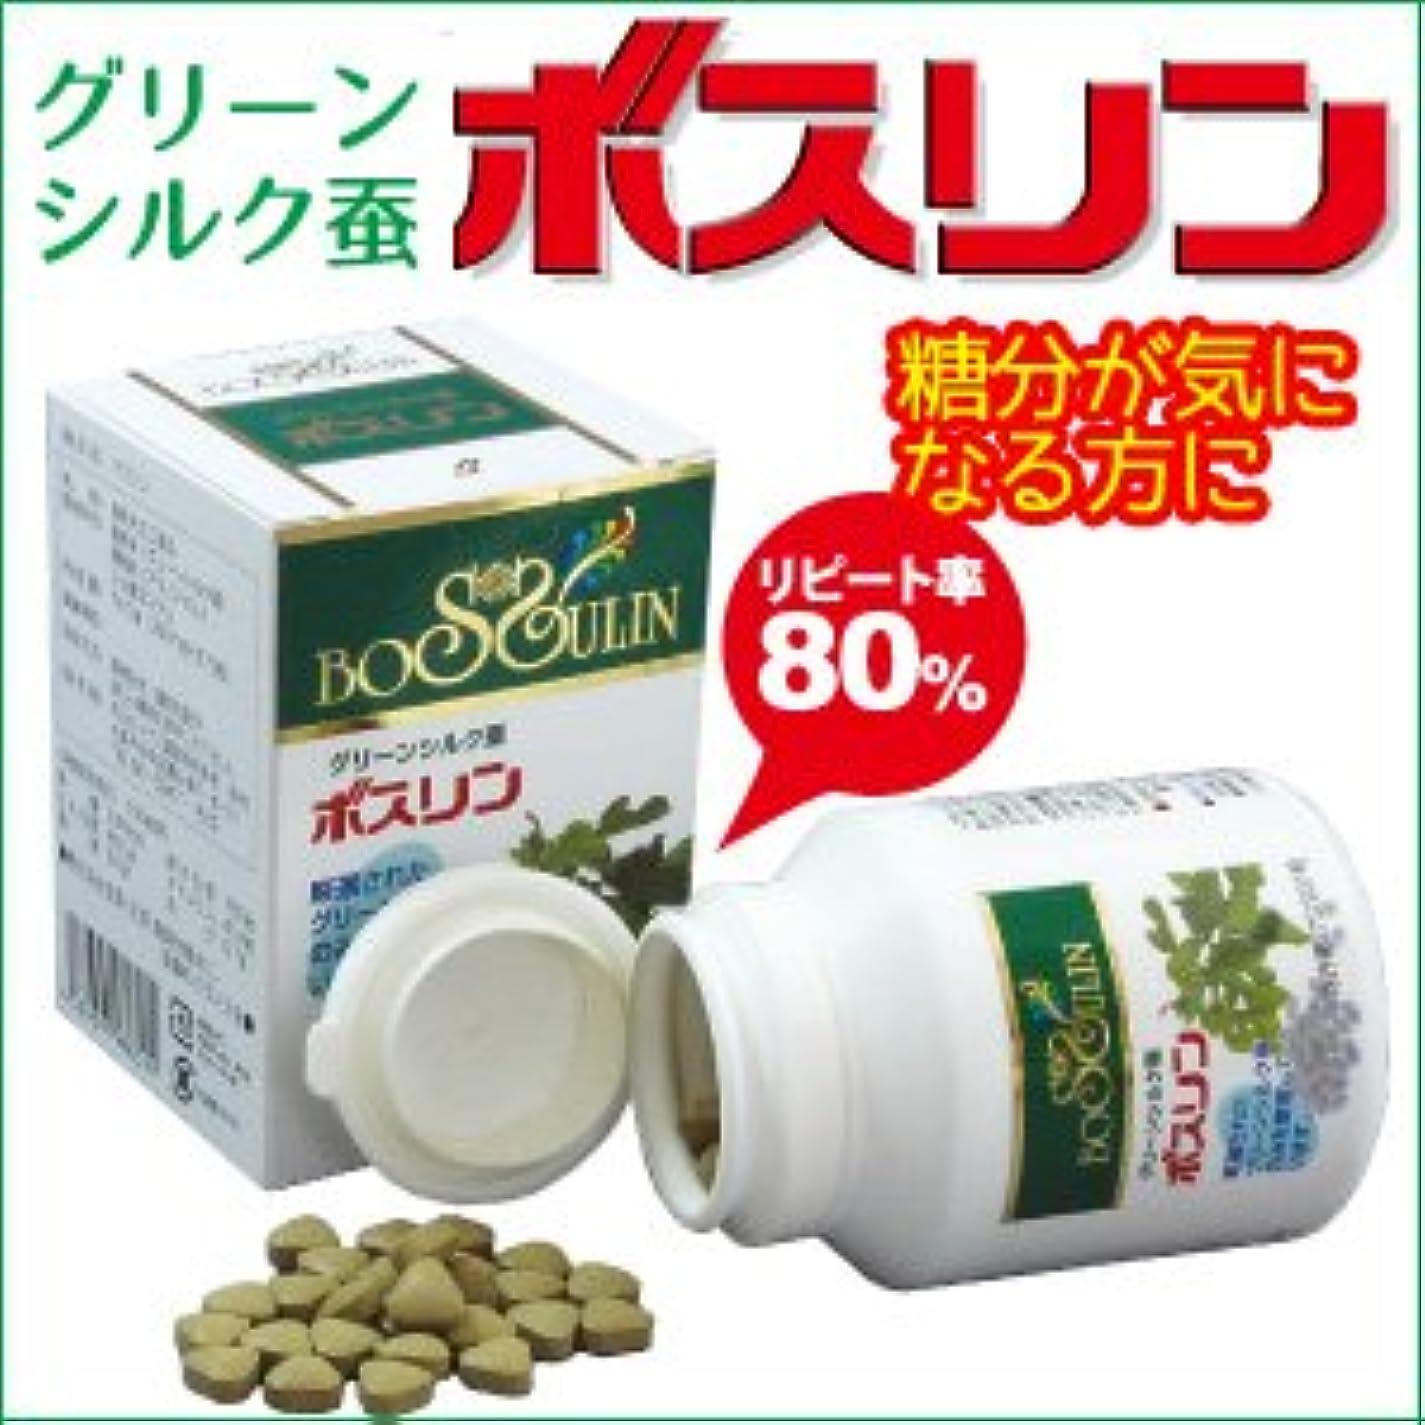 ホームレス良心的作るボスリン 桑の葉を主食とする厳選された蚕を使用したグリーンシルク蚕(蚕粉末)を配合!